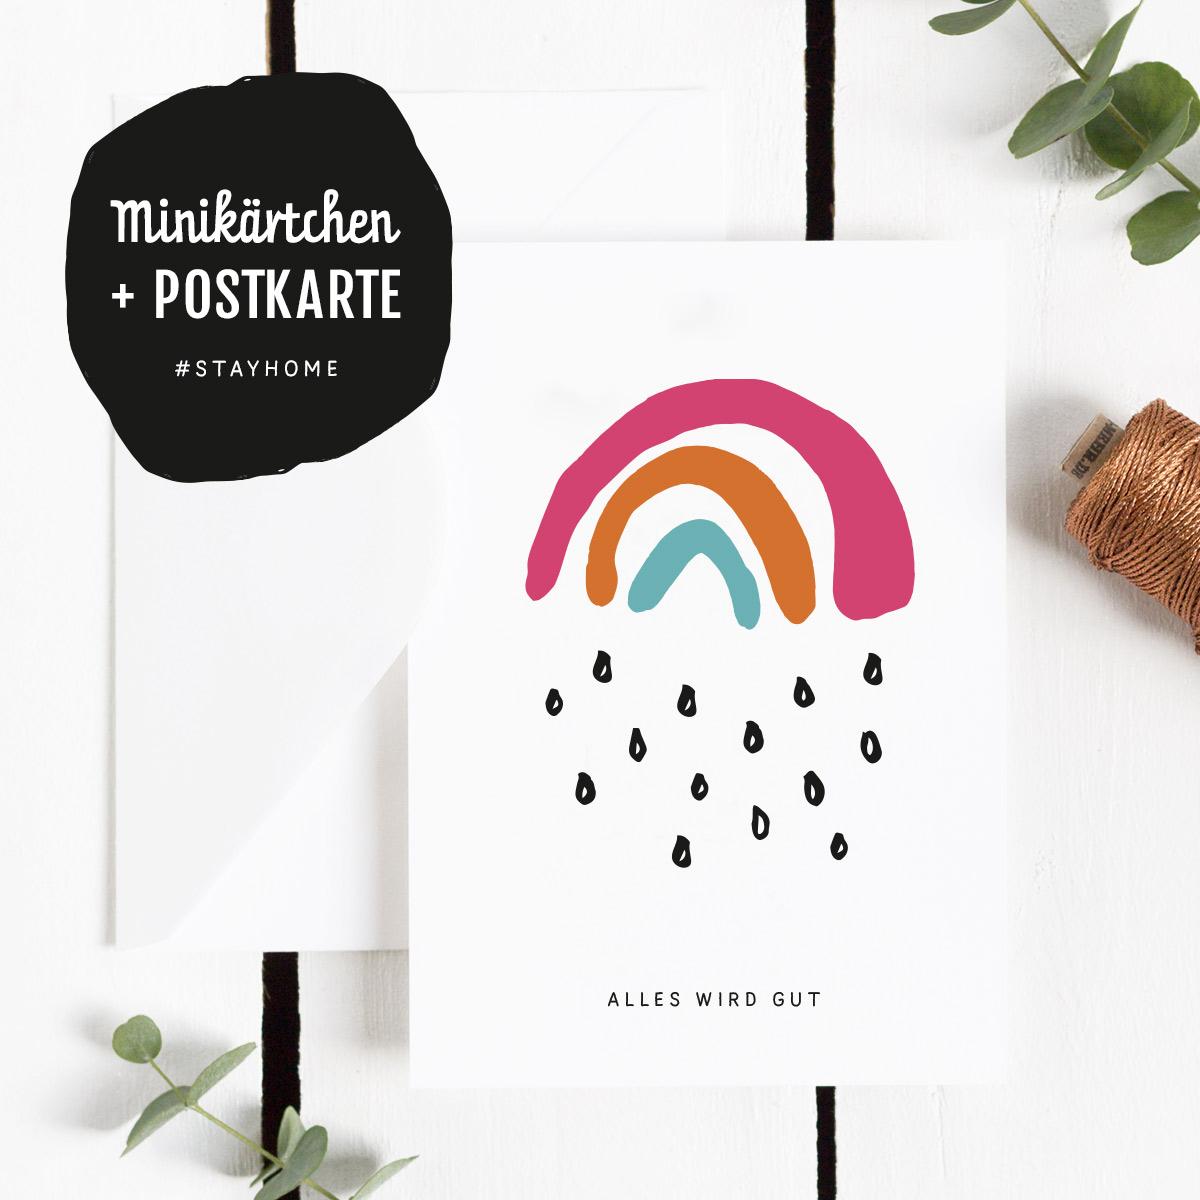 Freebie Postkarte Alles wird gut mit Mini-Kärtchen und dem Motiv Kleiner Regenbogen